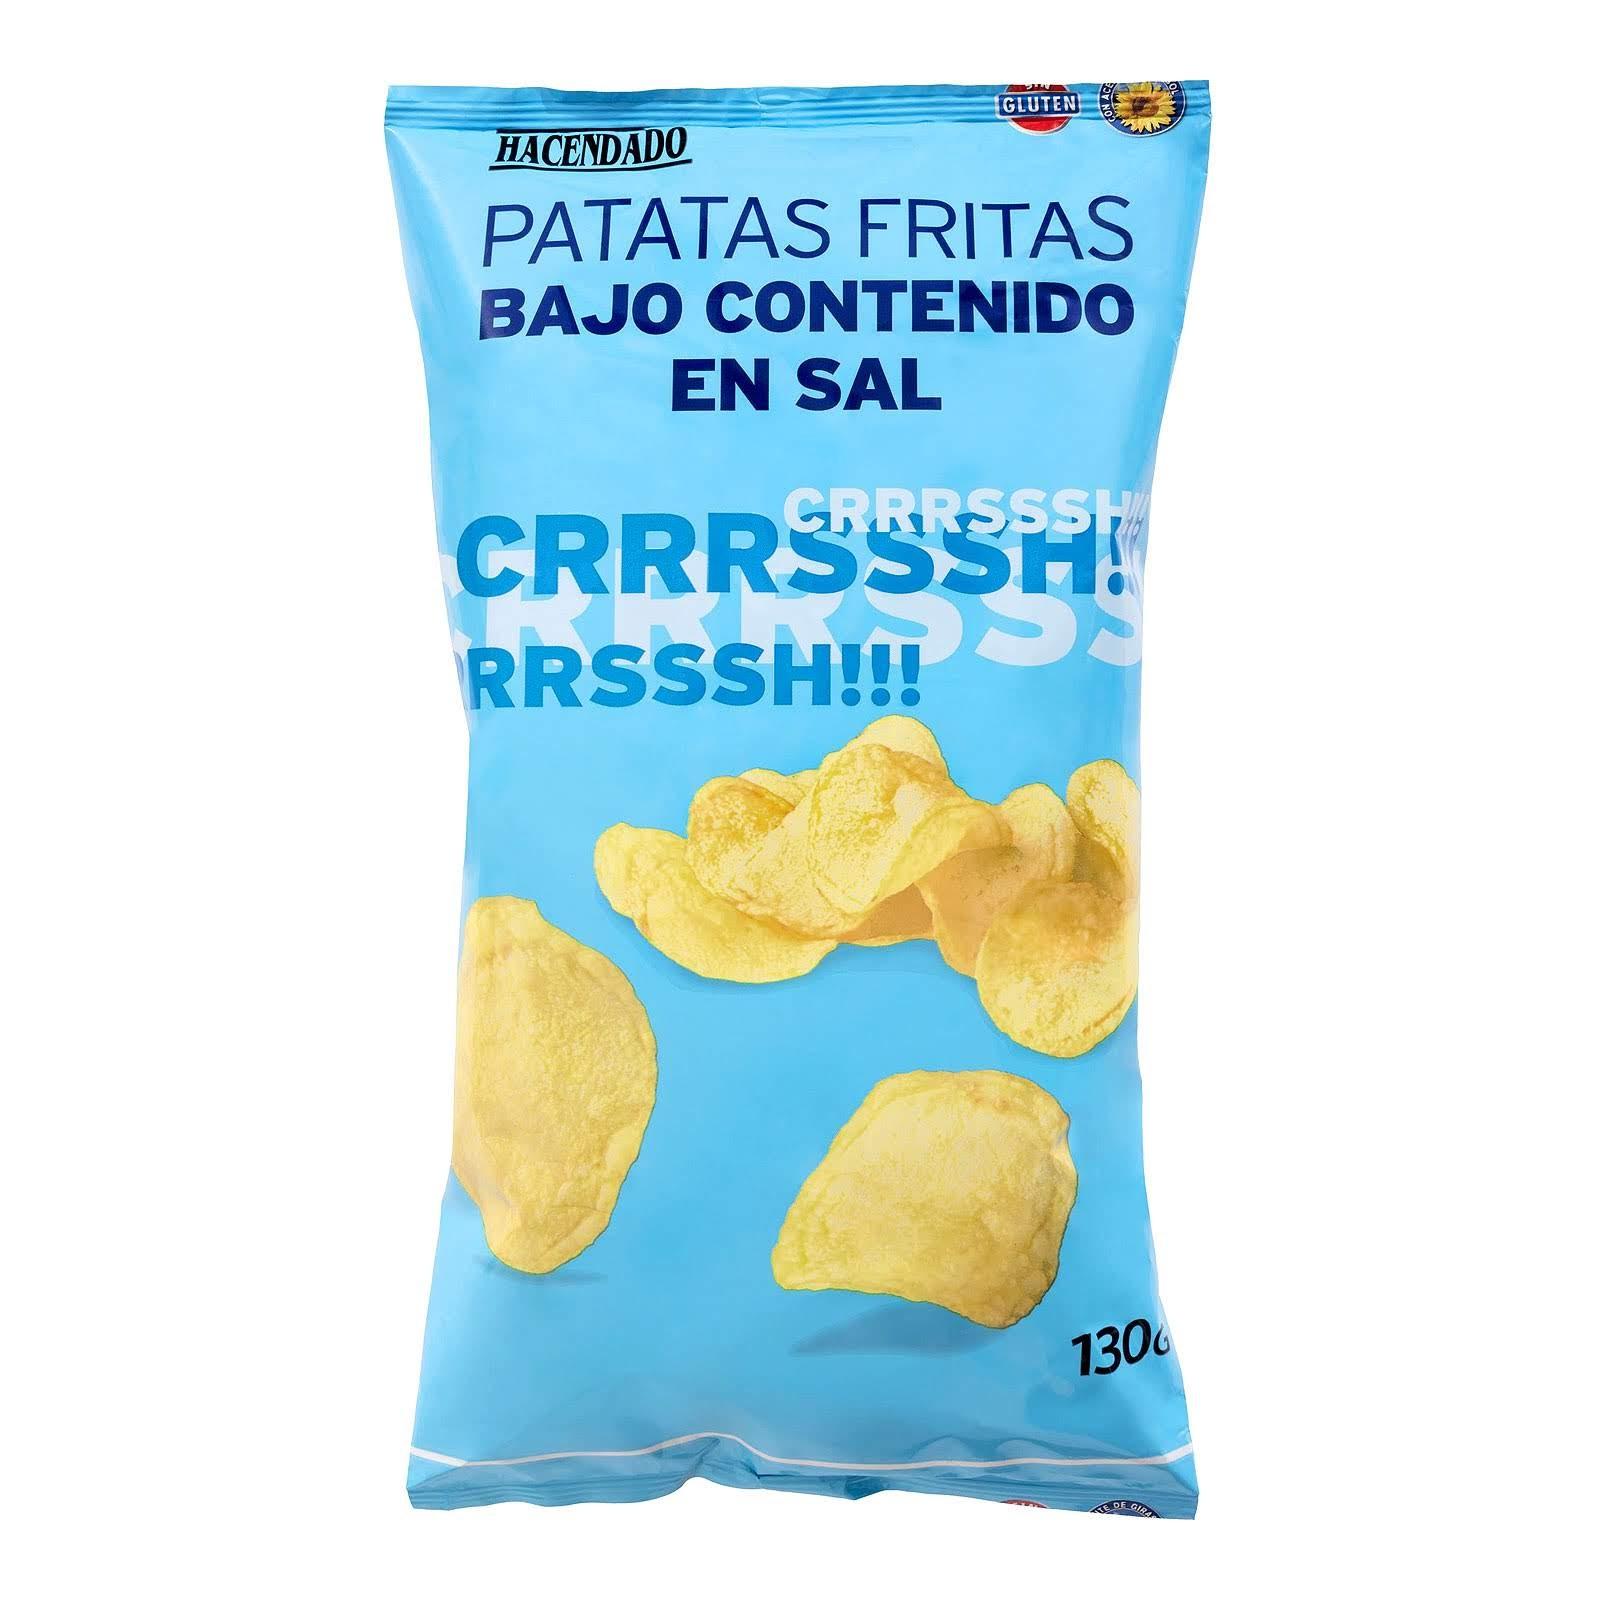 Patatas fritas bajo contenido en sal Hacendado